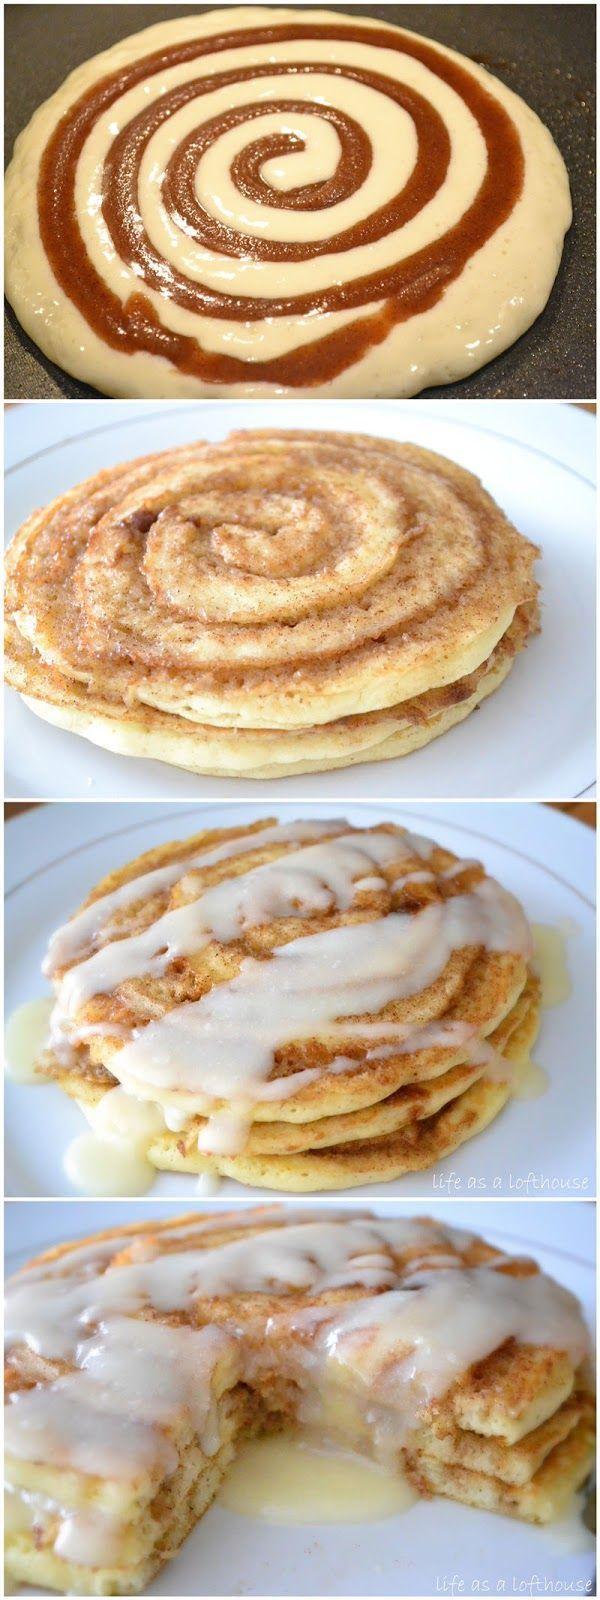 toptenlook: Cinnamon Roll Pancakes..                                                                                                                                                                                 Más